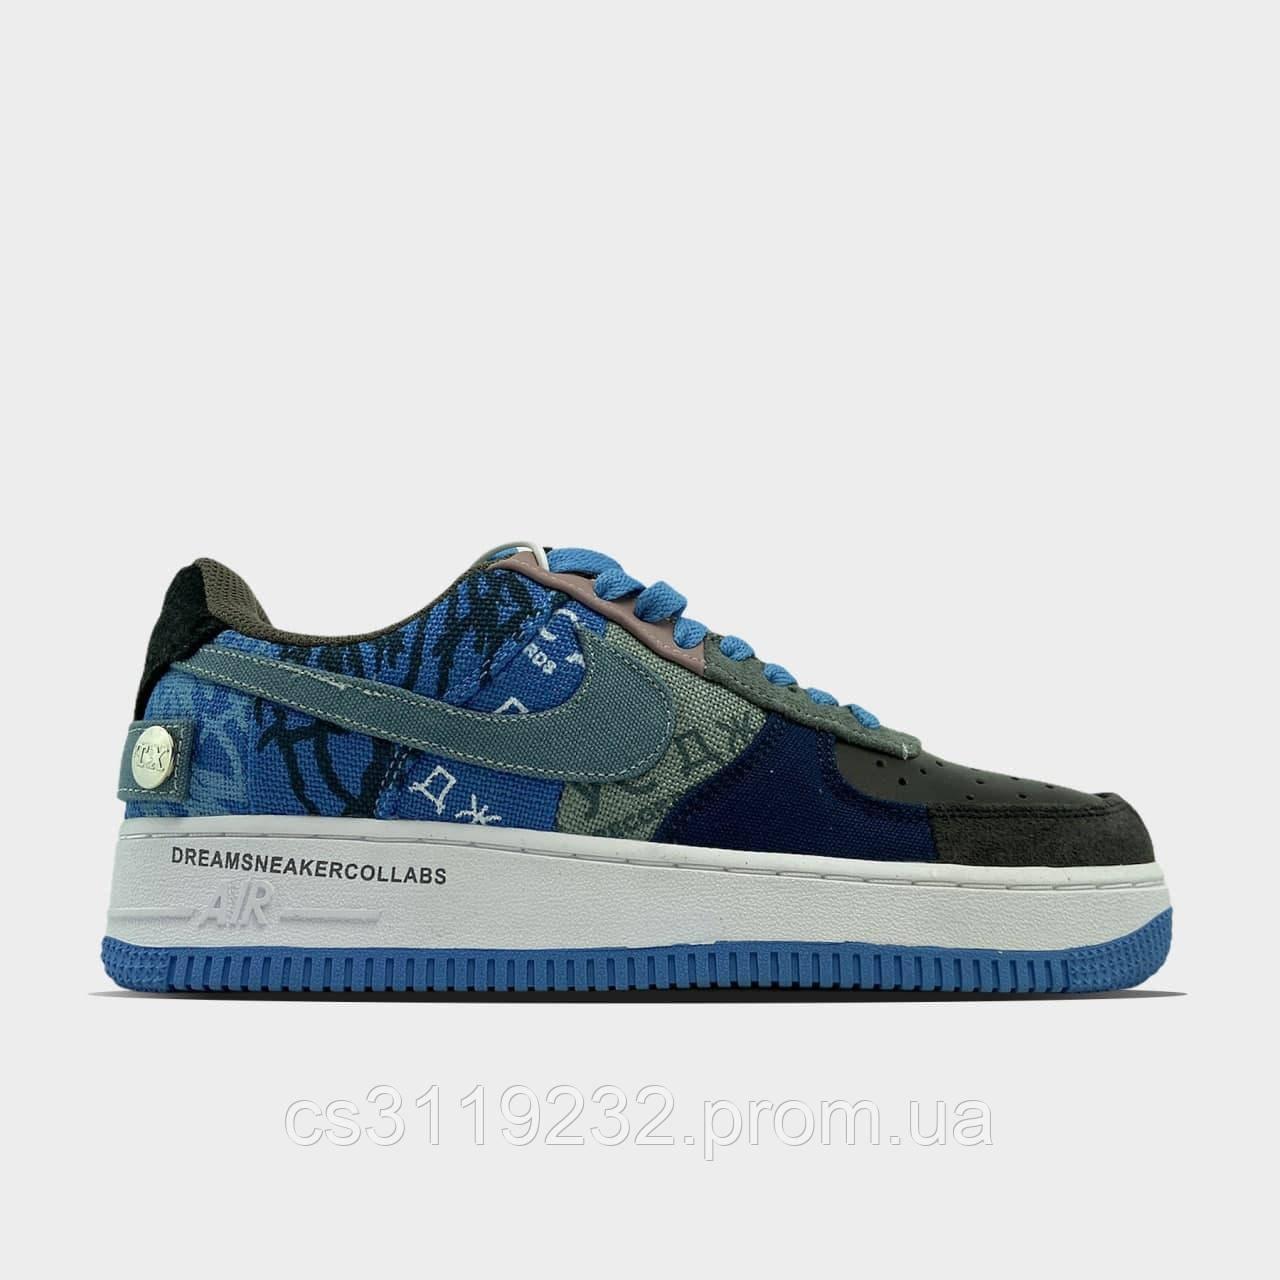 Жіночі кросівки Nike Air Force 1 Low White Blue (блакитні)